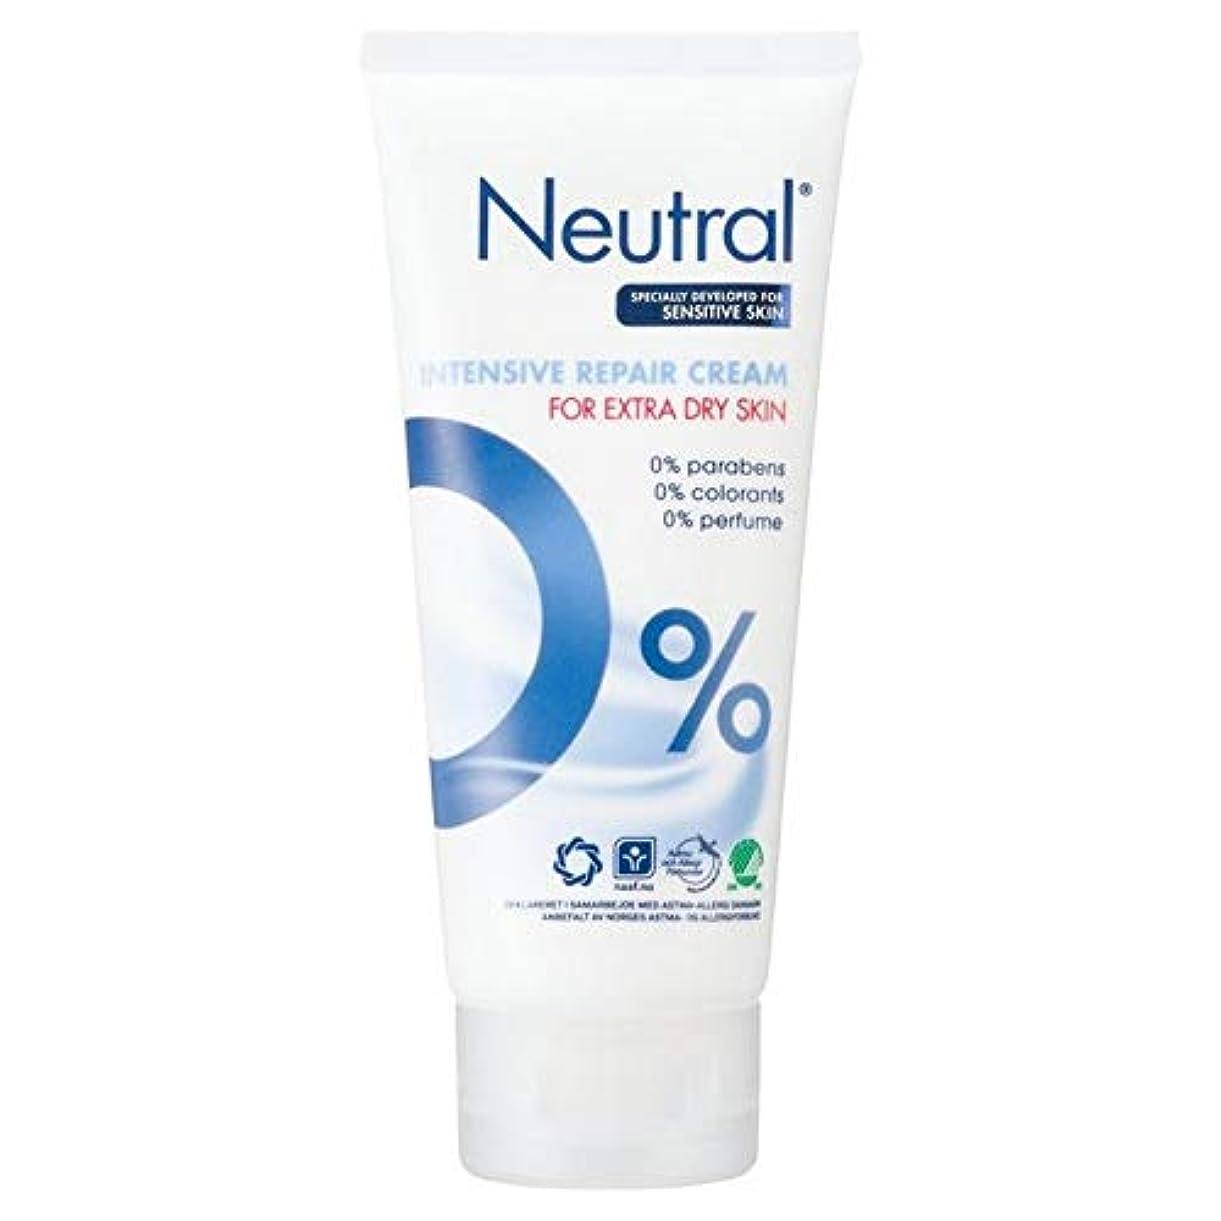 ブローアレキサンダーグラハムベル悪魔[Neutral ] ニュートラル0%の集中リペアクリーム100ミリリットル - Neutral 0% Intensive Repair Cream 100ml [並行輸入品]